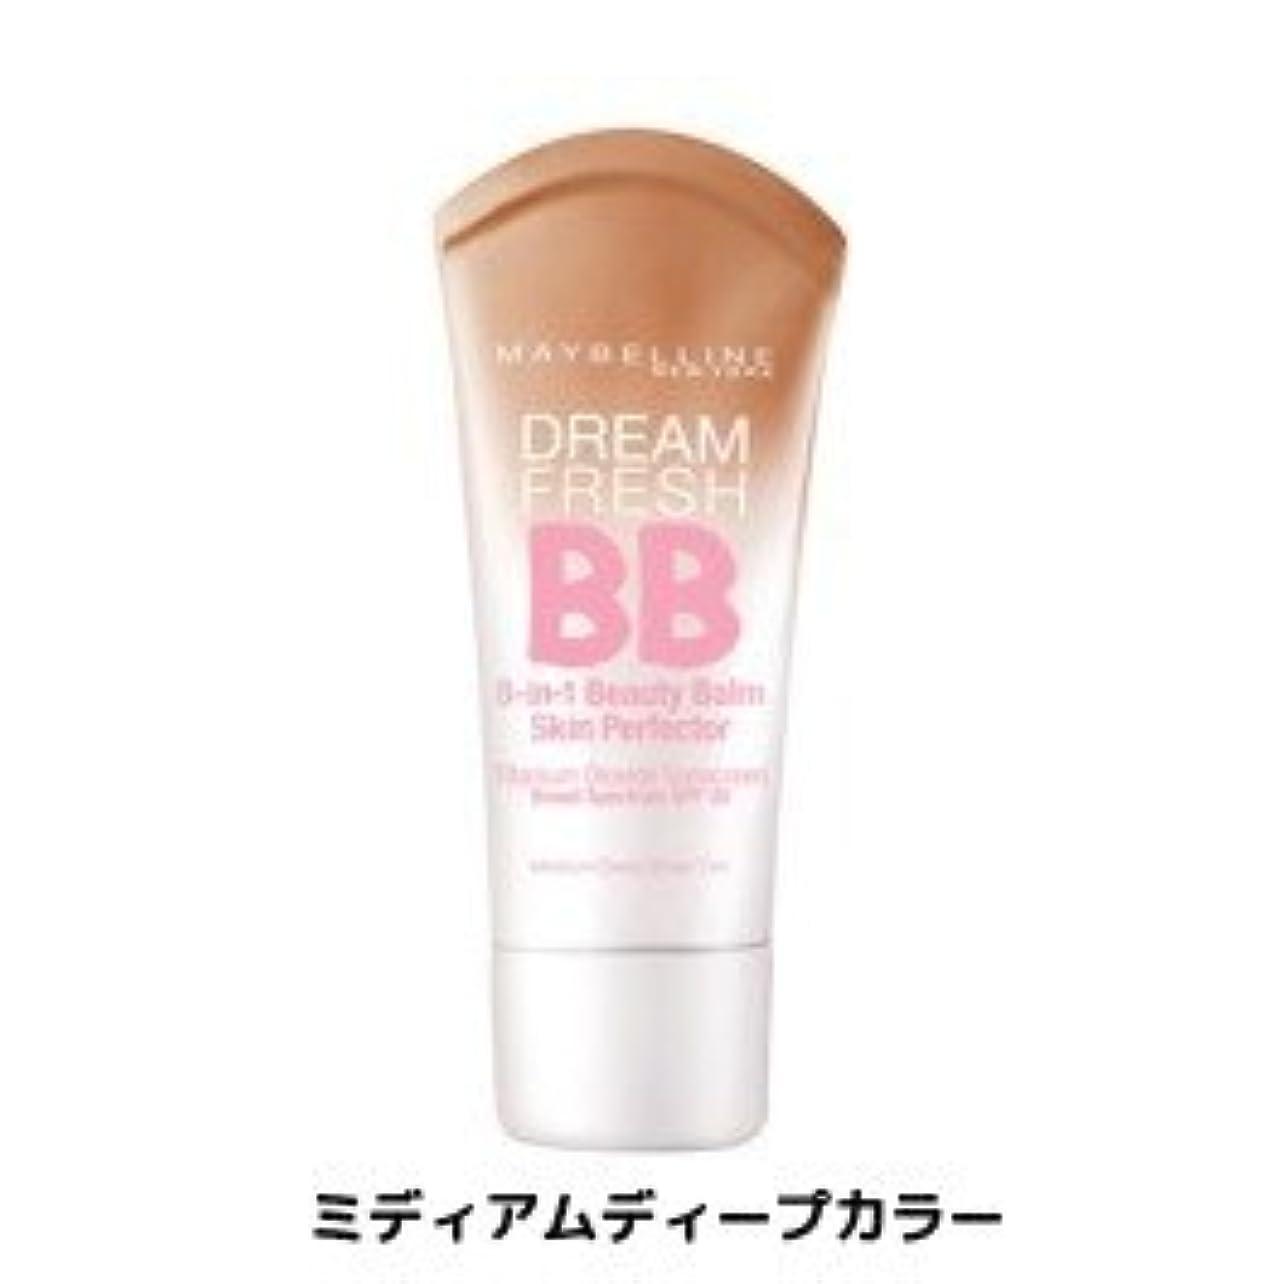 帽子うめき声フィードオンメイベリン BBクリーム  SPF 30*Maybelline Dream Fresh BB Cream 30ml【平行輸入品】 (ミディアムディープカラー)